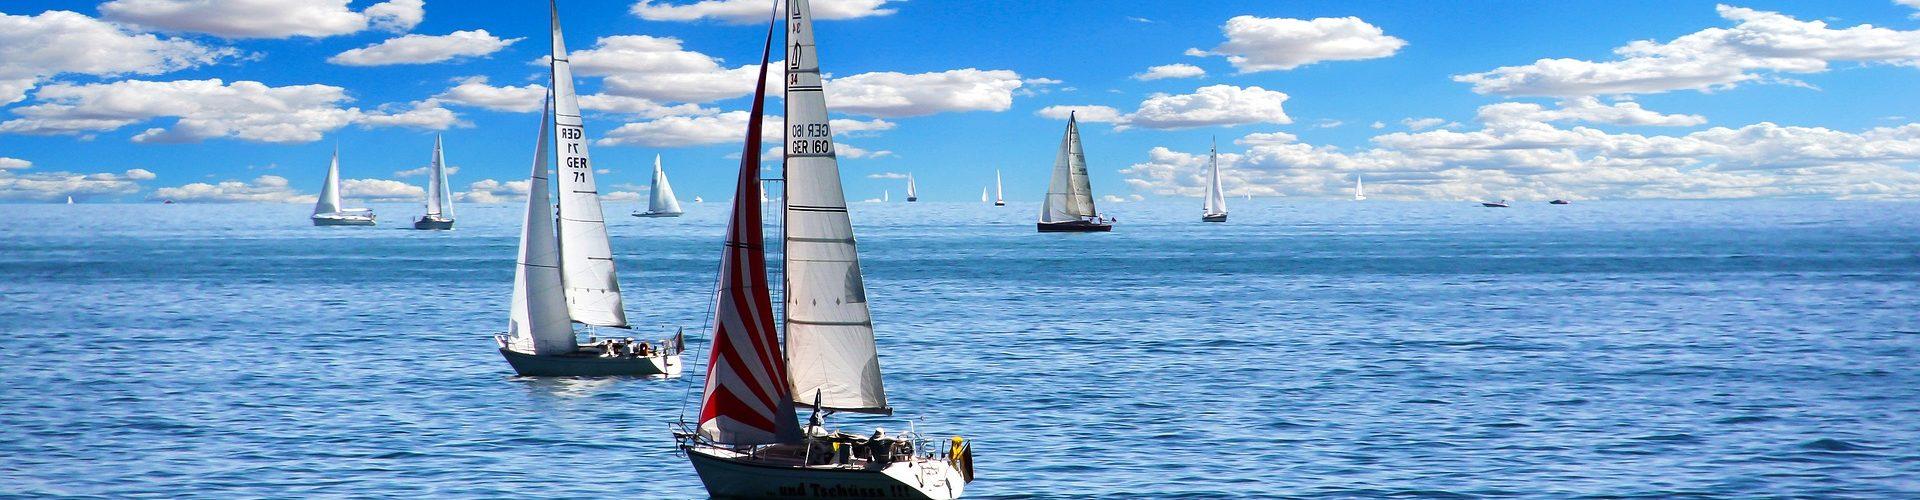 segeln lernen in Bremen segelschein machen in Bremen 1920x500 - Segeln lernen in Bremen